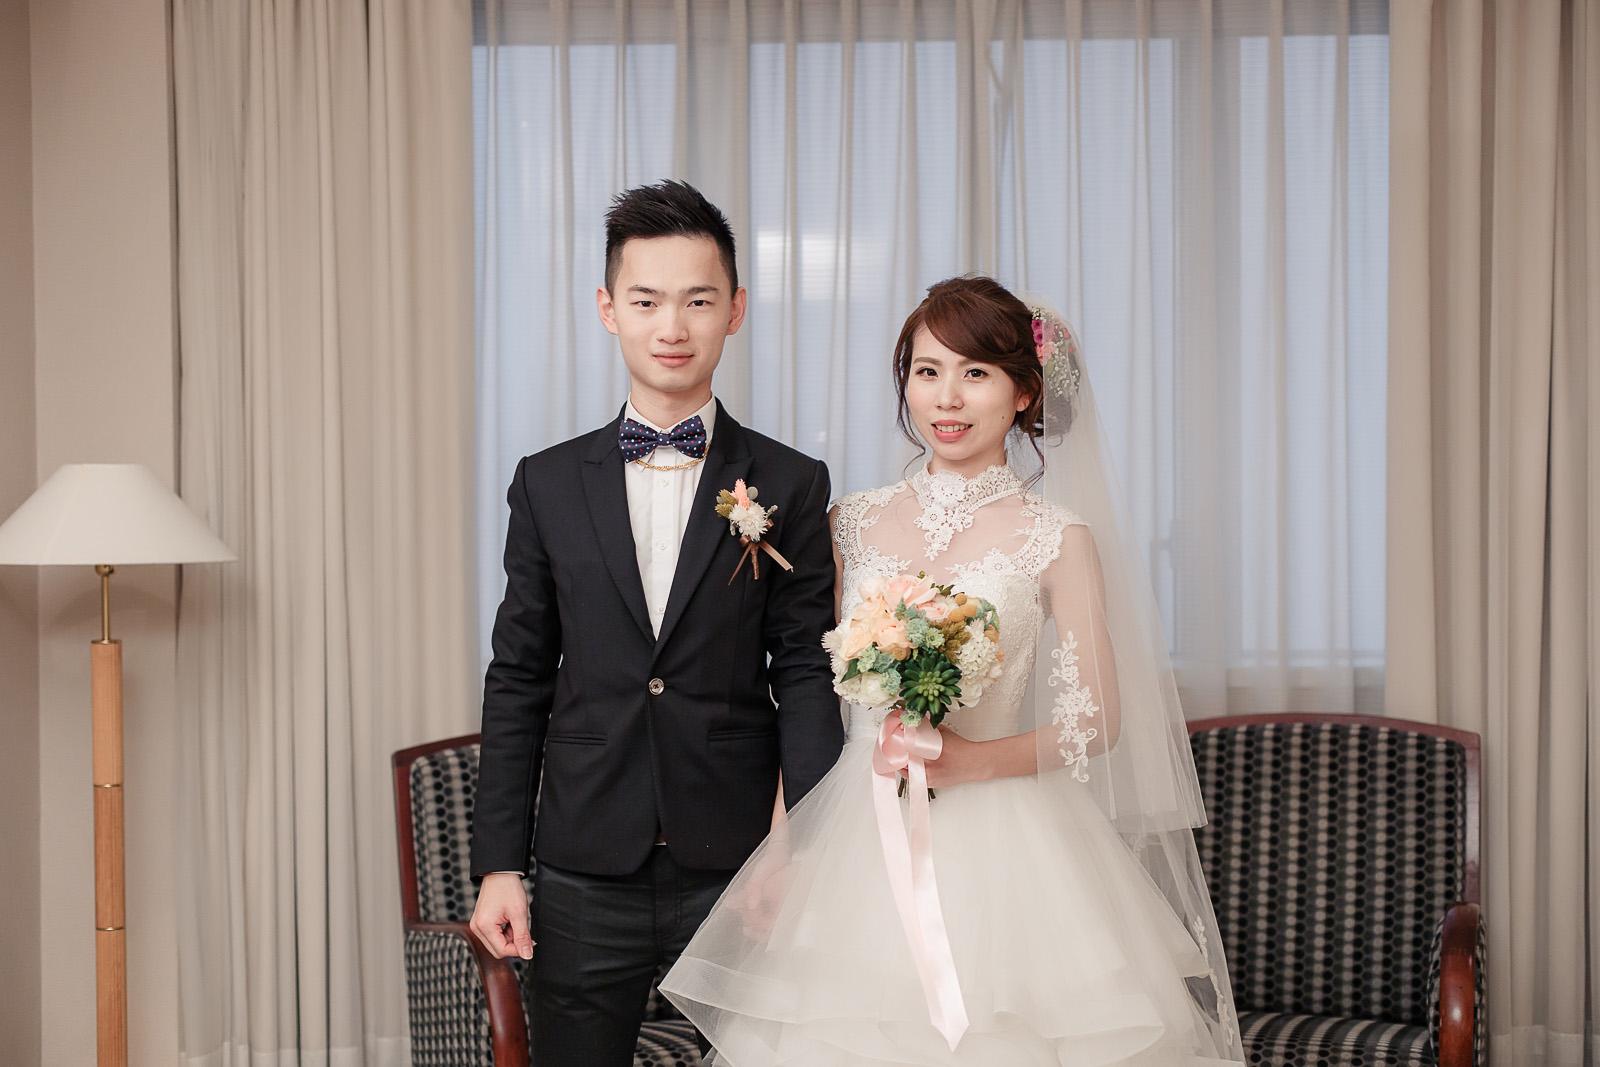 高雄圓山飯店,婚禮攝影,婚攝,高雄婚攝,優質婚攝推薦,Jen&Ethan-138